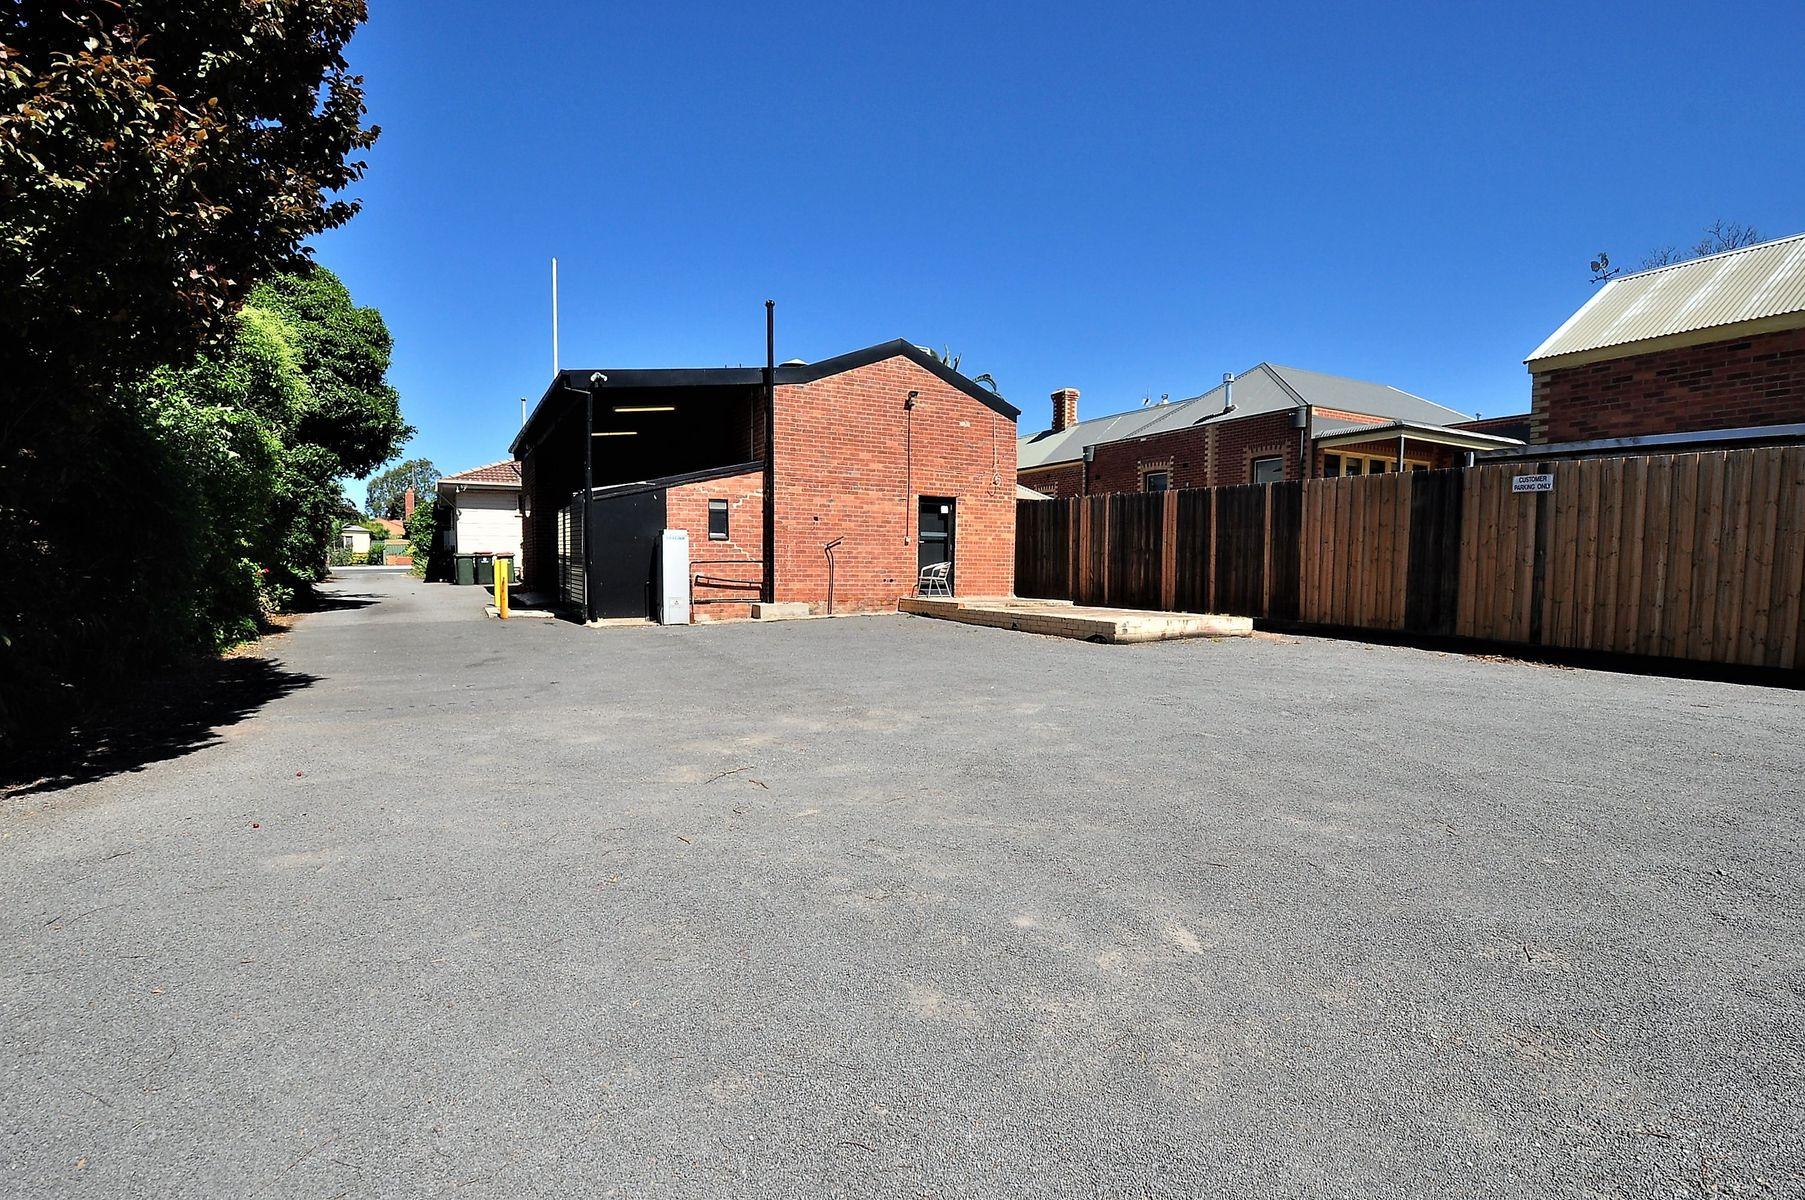 521 Napier Street., White Hills, VIC 3550